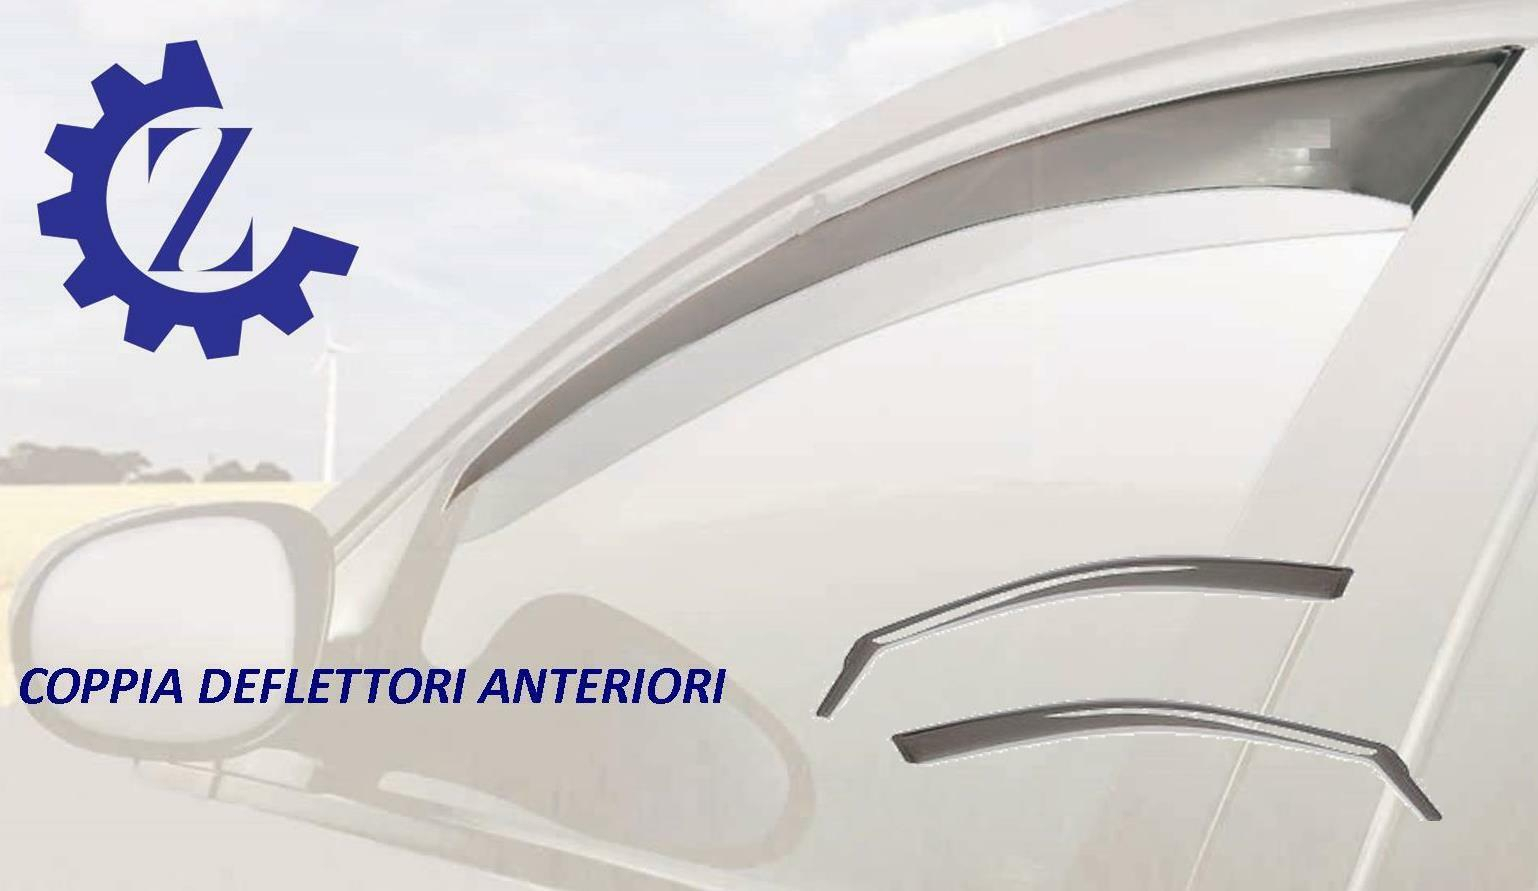 DEFLETTORI ARIA ANTITURBO PER OPEL CORSA C 3 PORTE 00 06